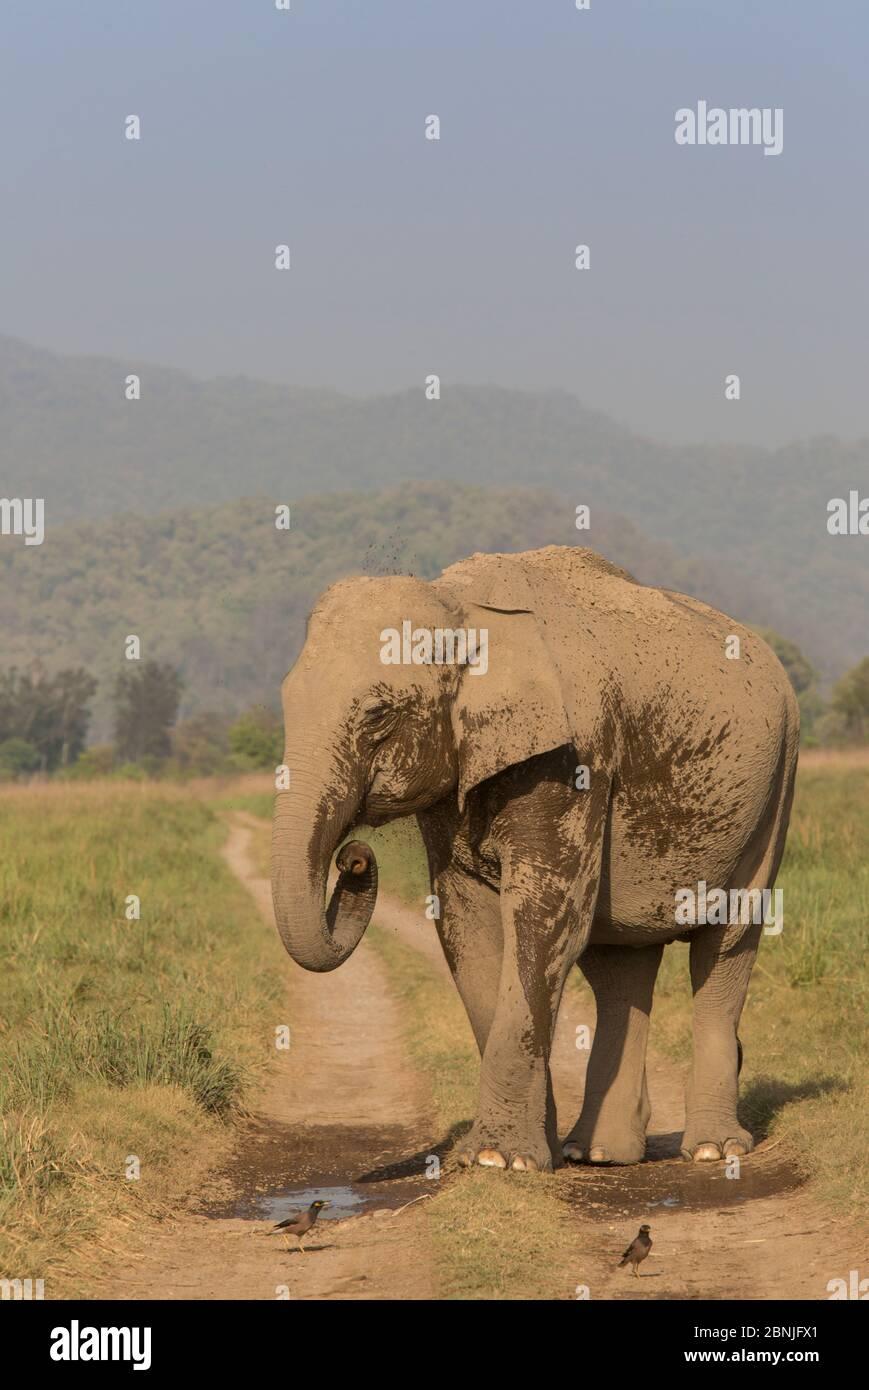 Éléphant asiatique (Elepha maximus), une femelle se rafraîchi en vaporisant de l'eau depuis la flaque de la route. Parc national Jim Corbett, Inde. Banque D'Images